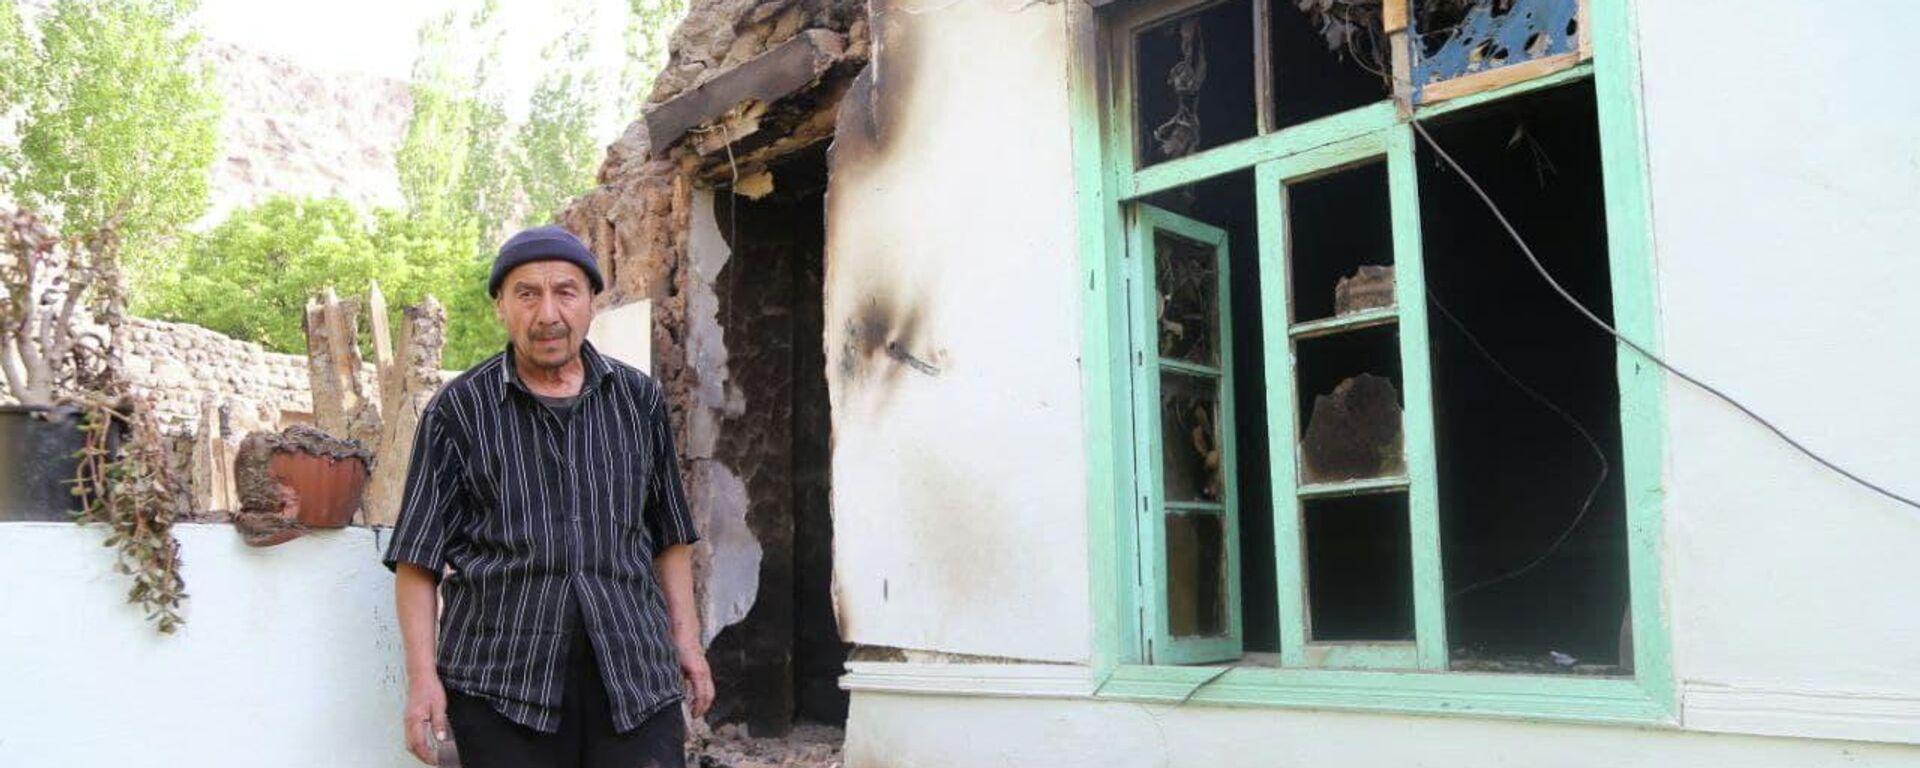 Разрушенные дома в селах Ходжаи Аъло и Сомониён джамоата Чоркух города Исфара  - Sputnik Таджикистан, 1920, 05.05.2021